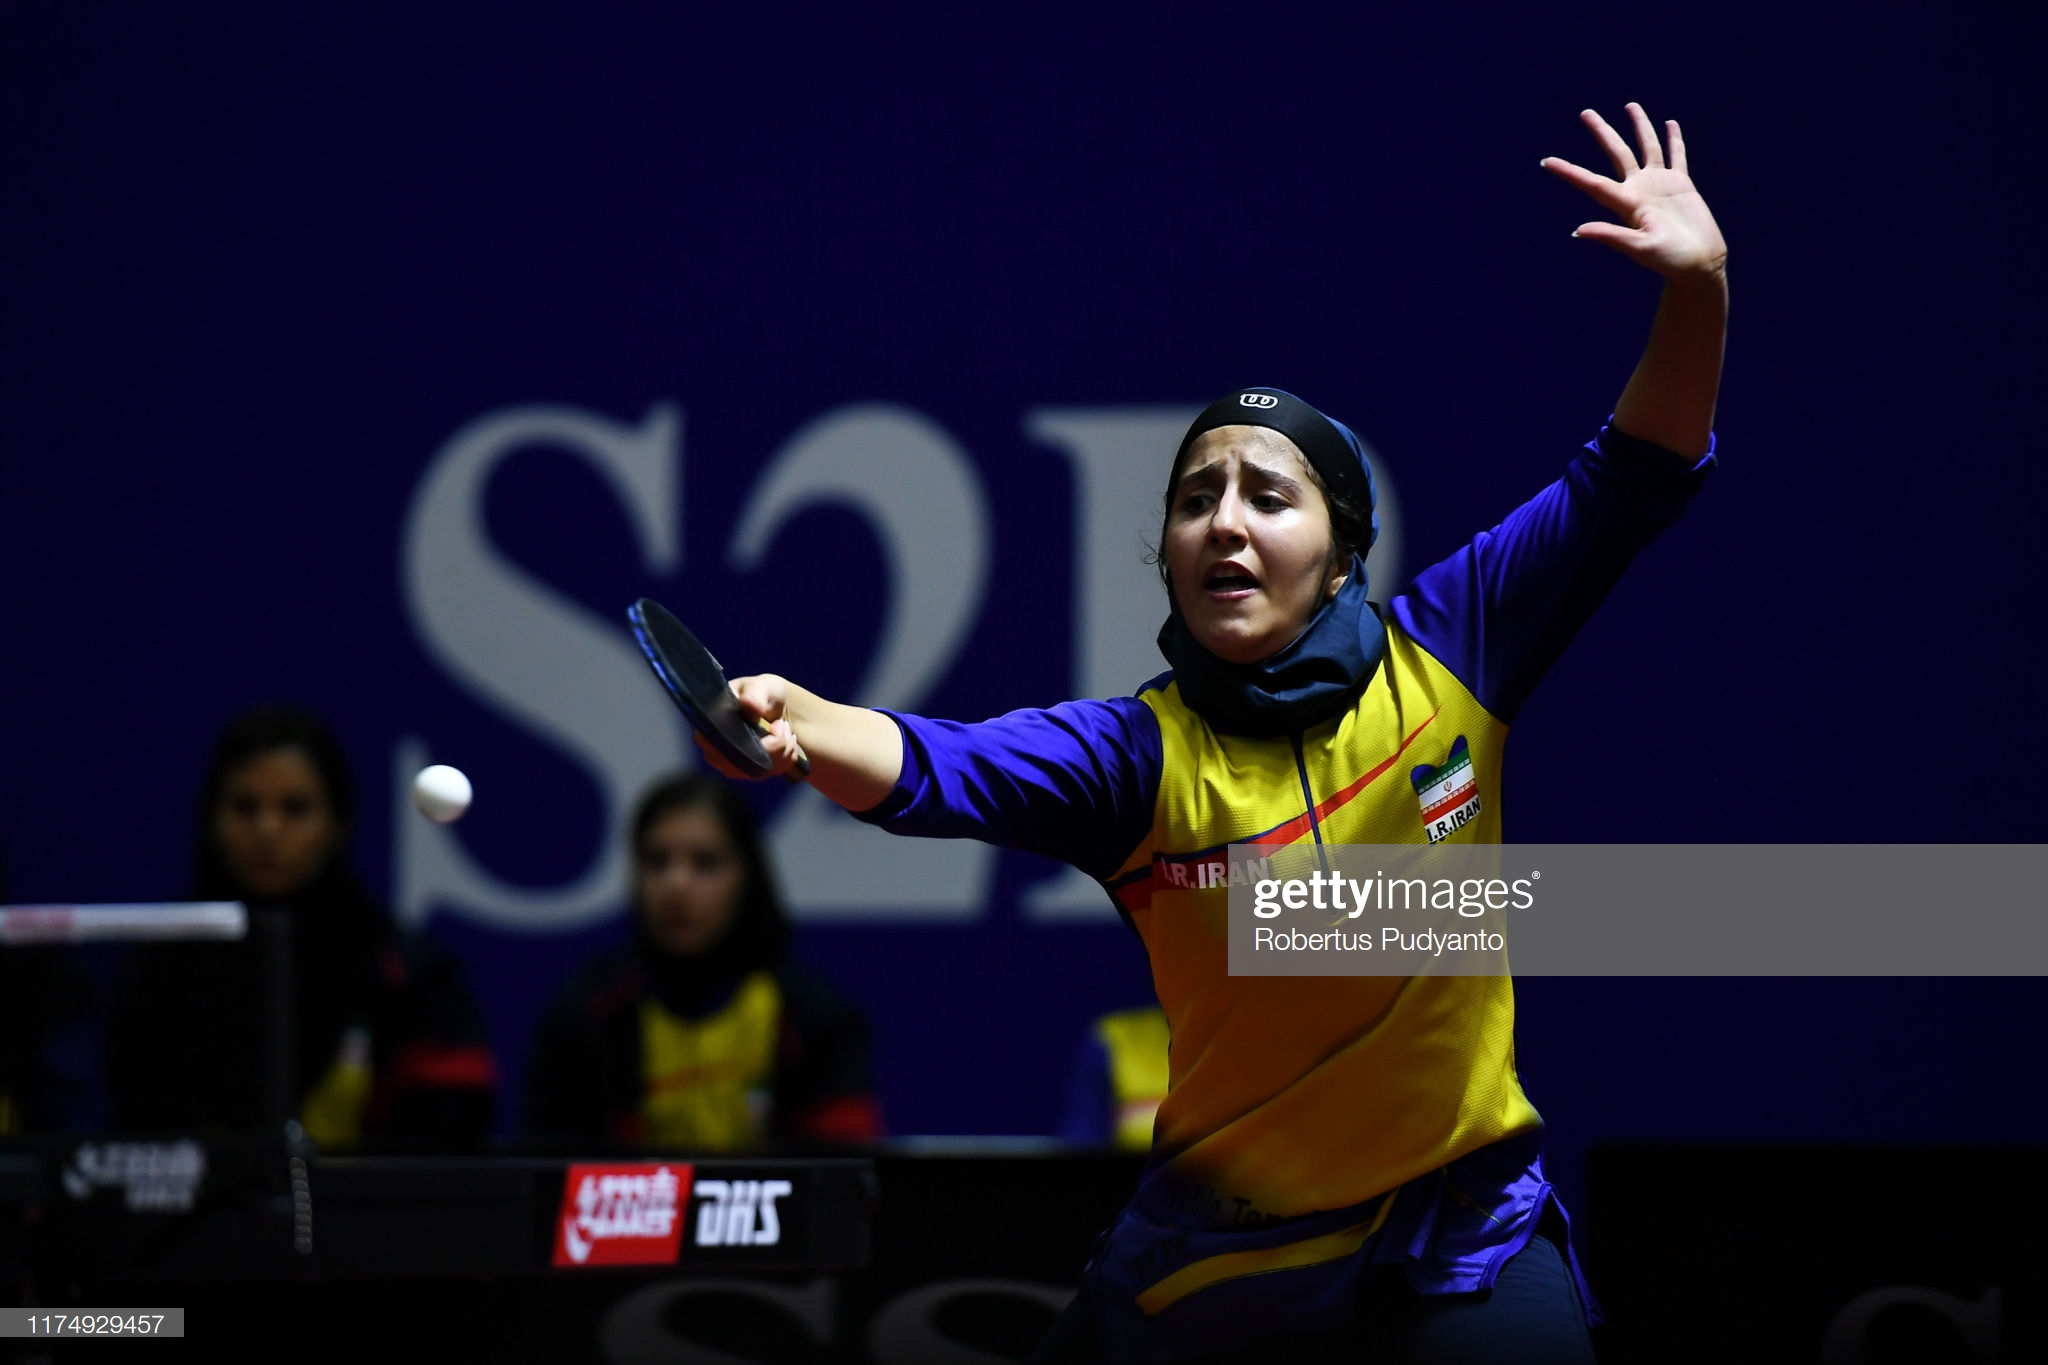 فاطمه جمالی فر در مسابقات تنیس روی میز قهرمانی آسیا 7 گزارش تصویری | فاطمه جمالی فر در مسابقات تنیس روی میز قهرمانی آسیا